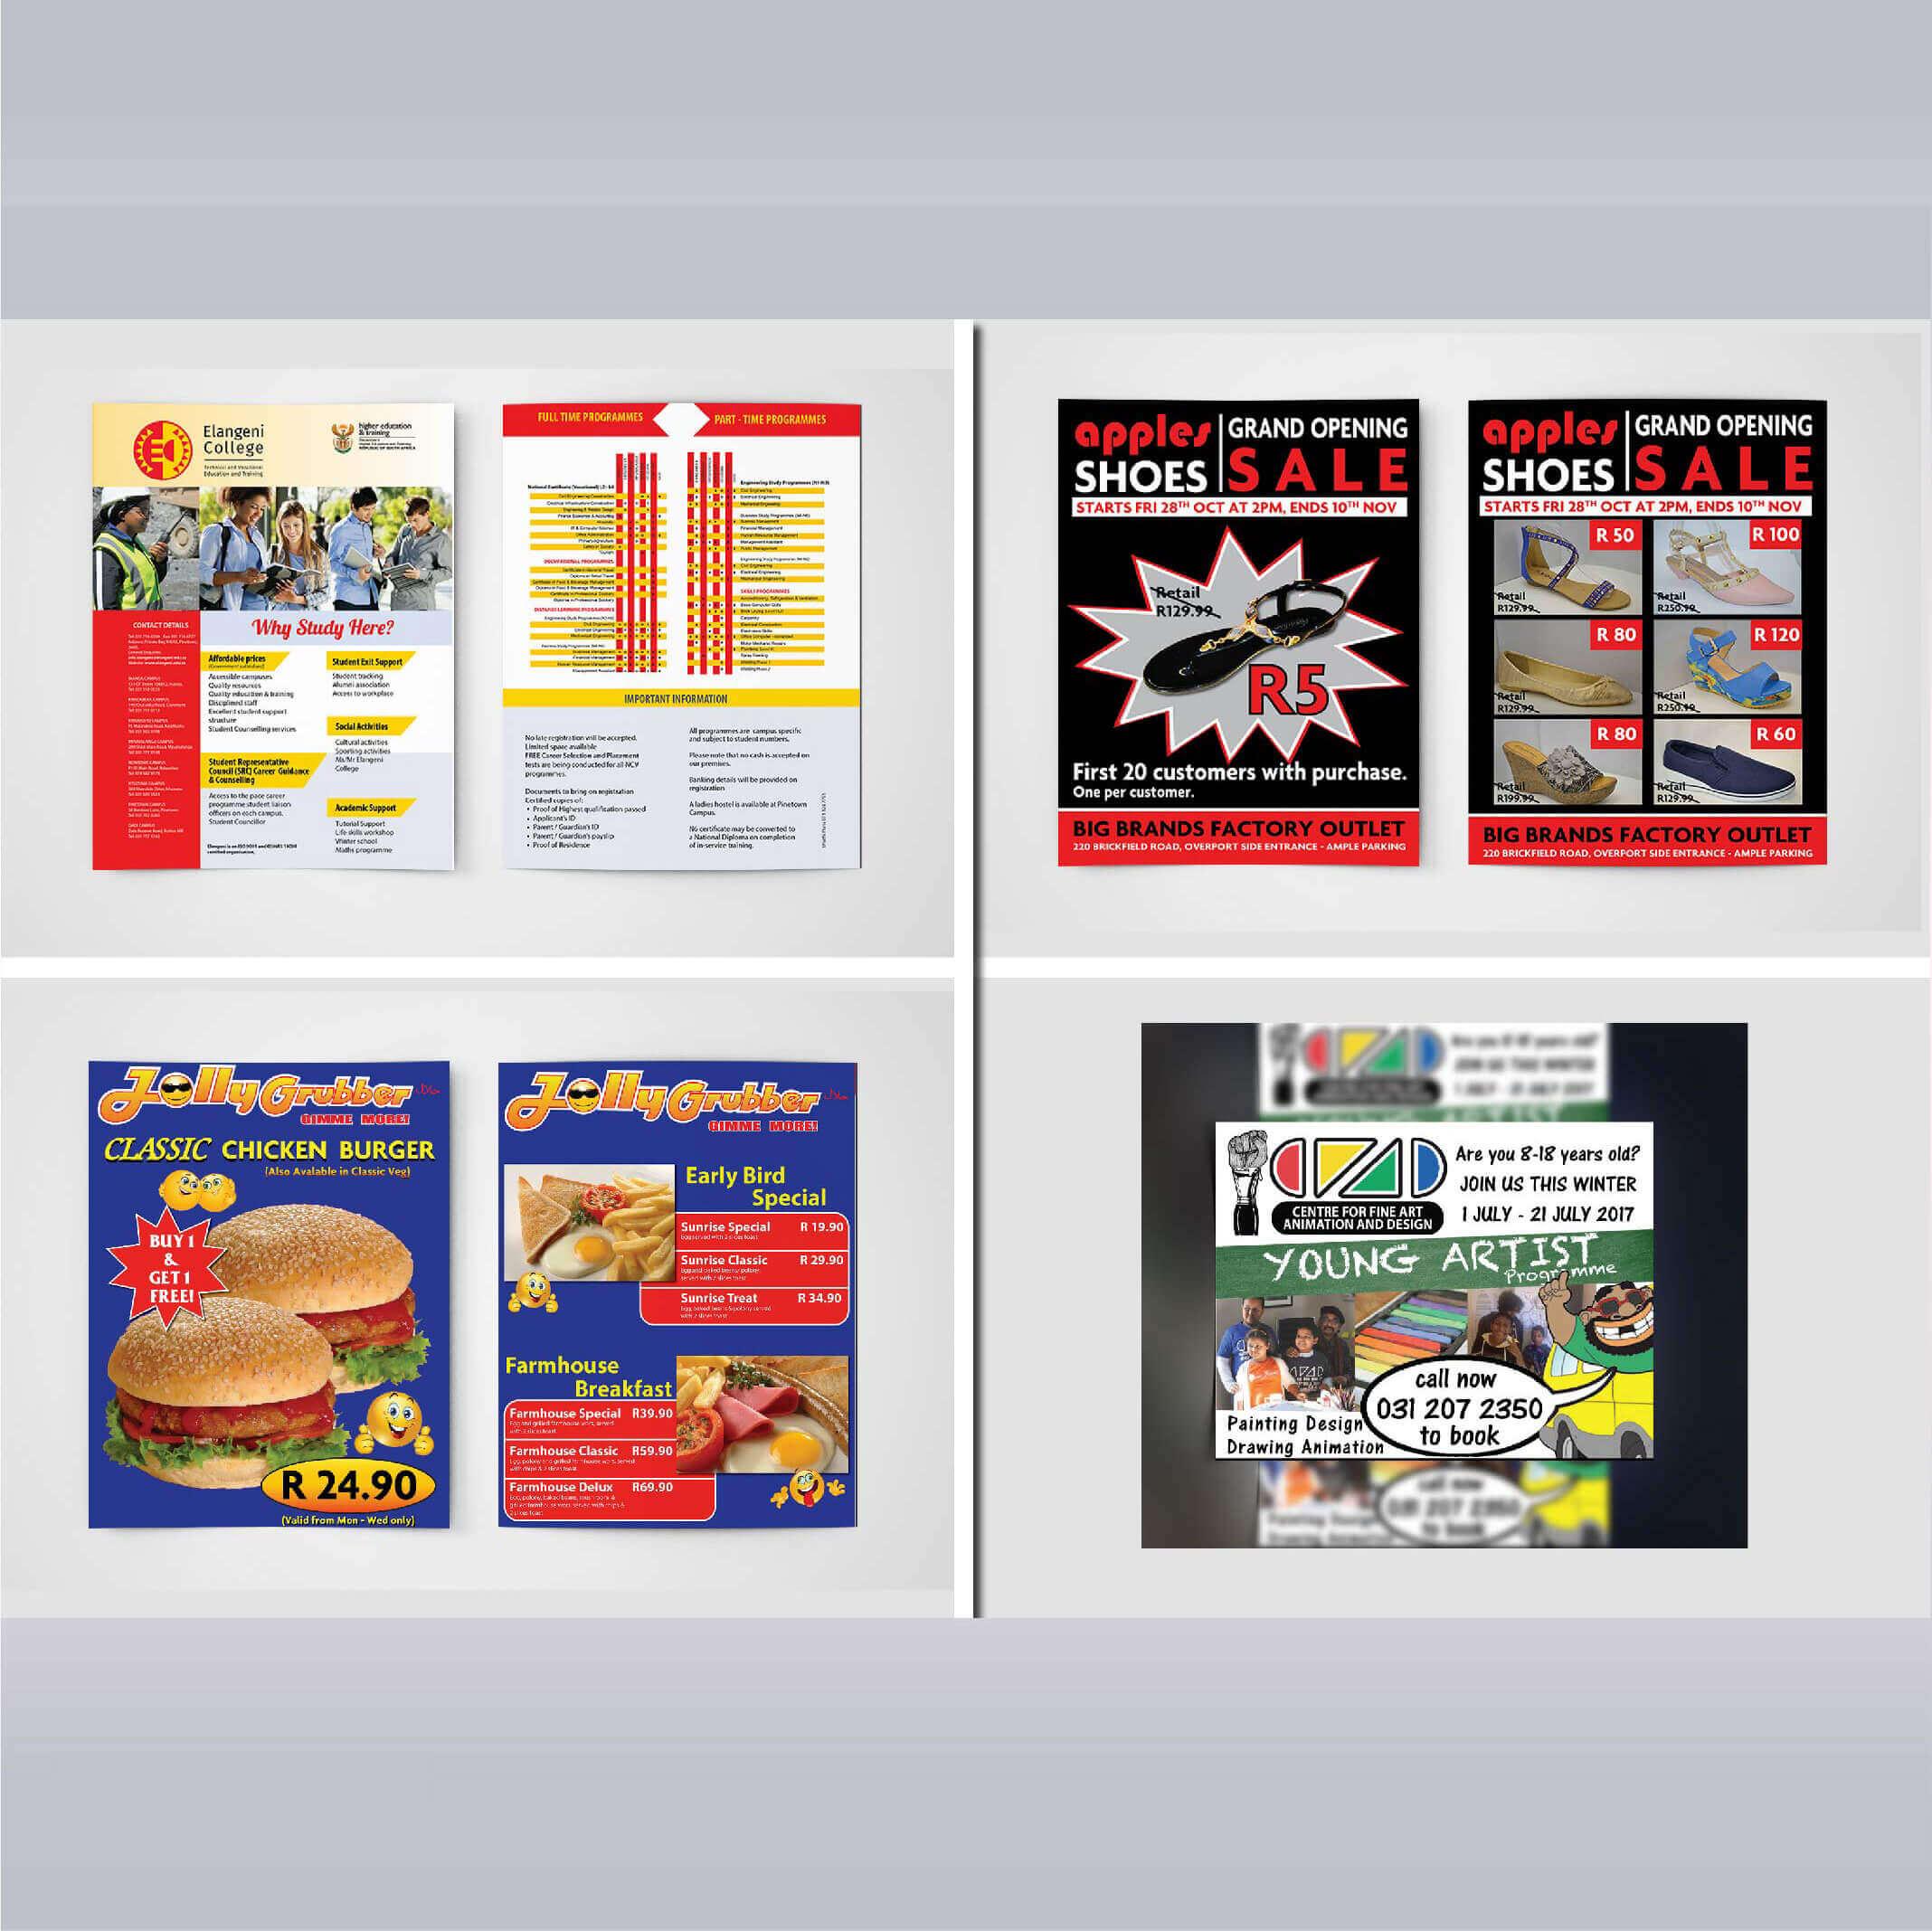 E9-Graphic-design-corporate-identity